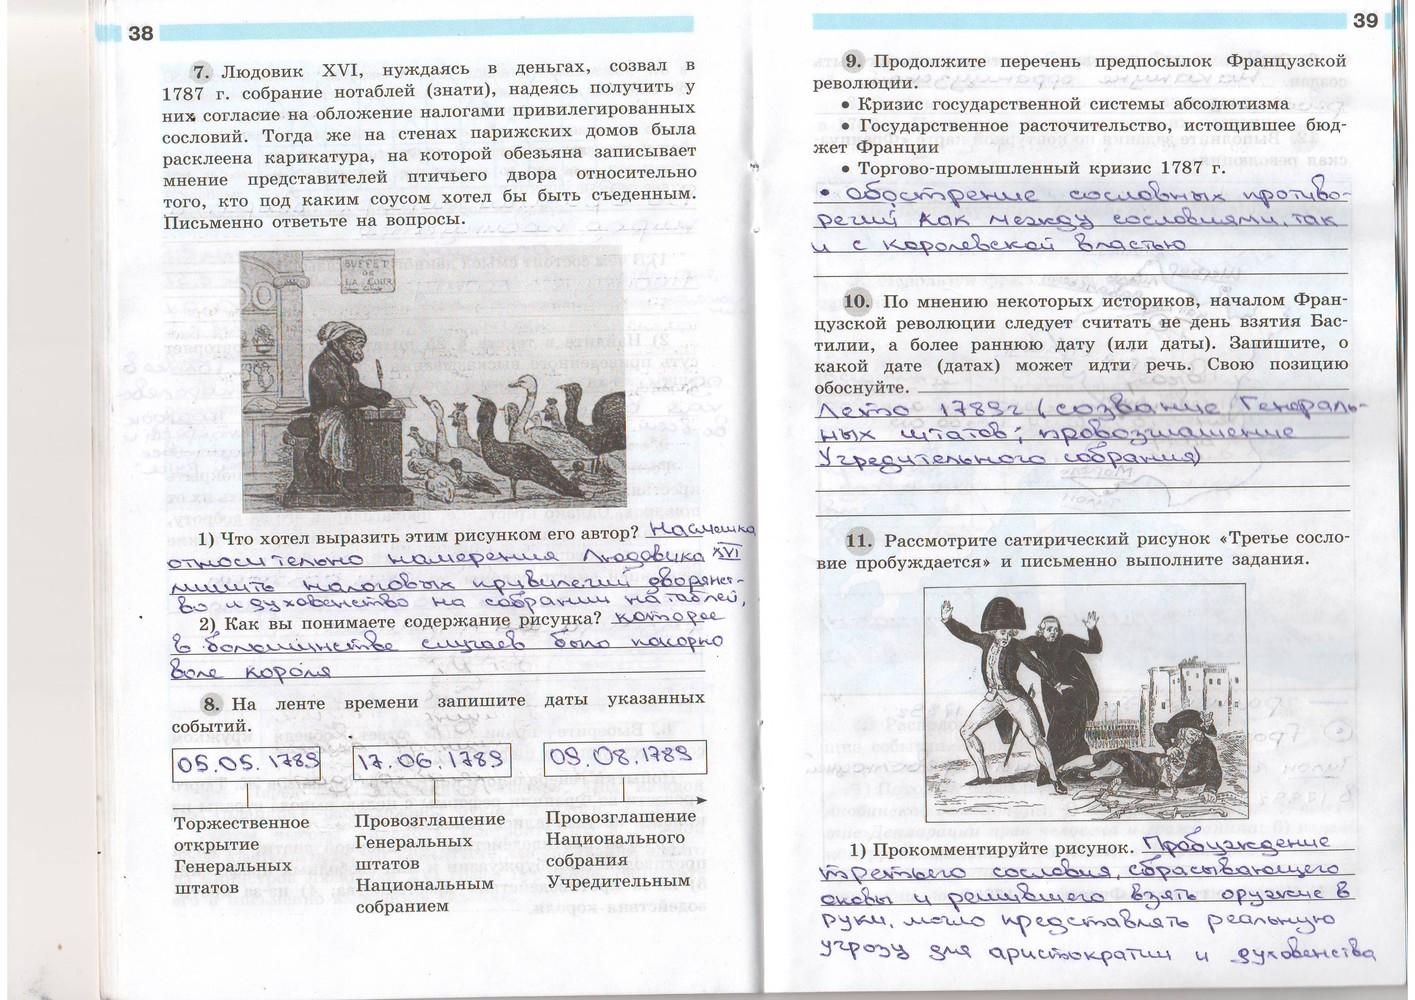 Тетрадь всеобщей 2018 класс истории рабочая 7 гдз по баранов